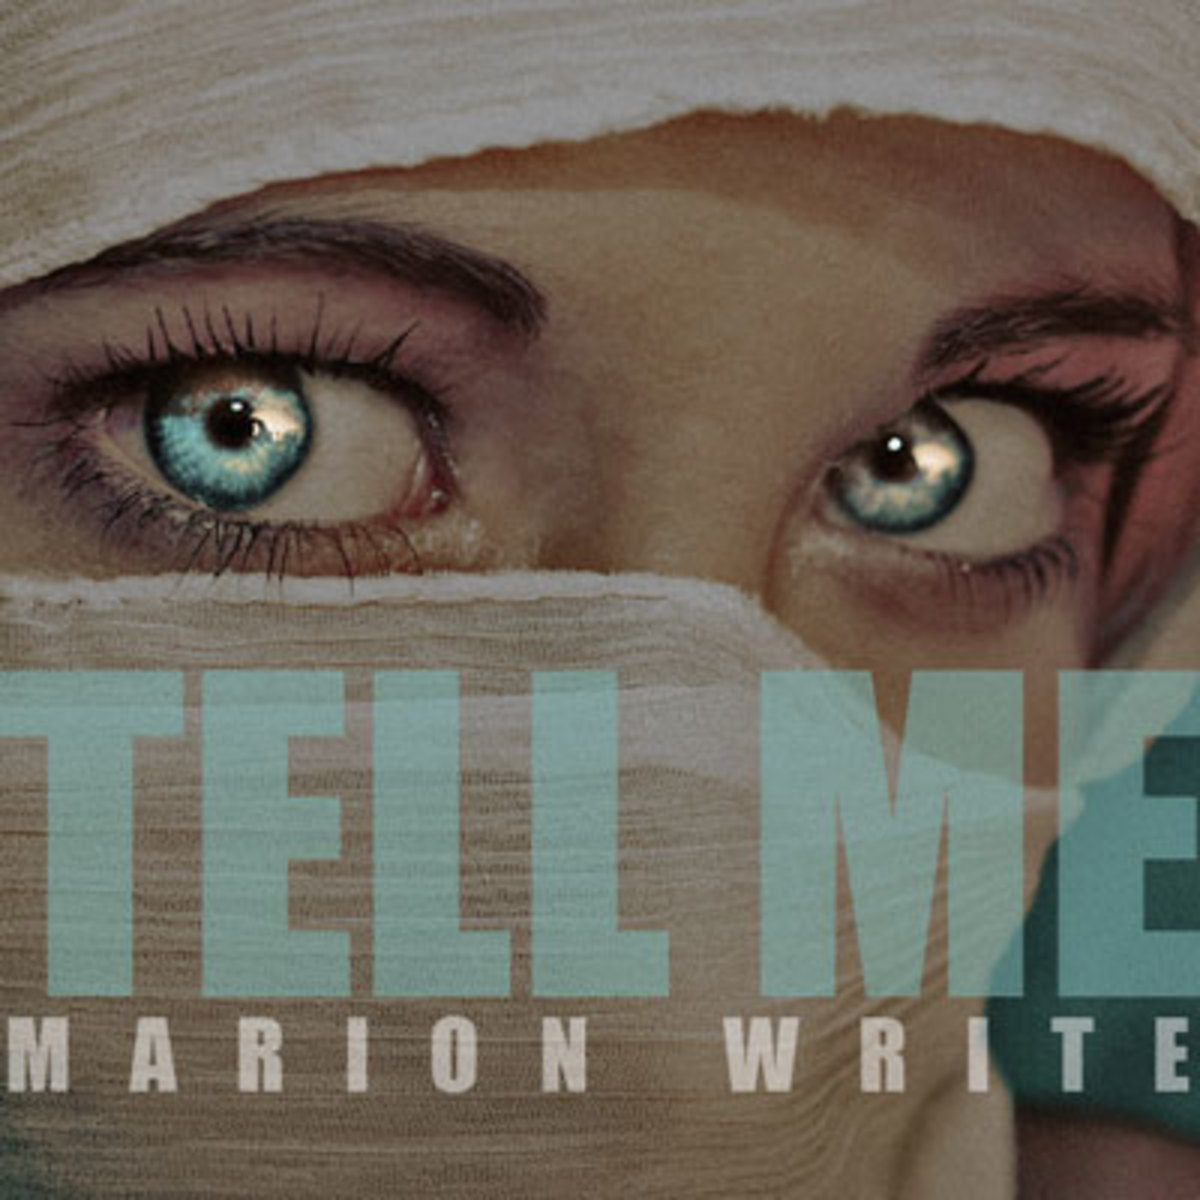 marionwrite-tellme.jpg